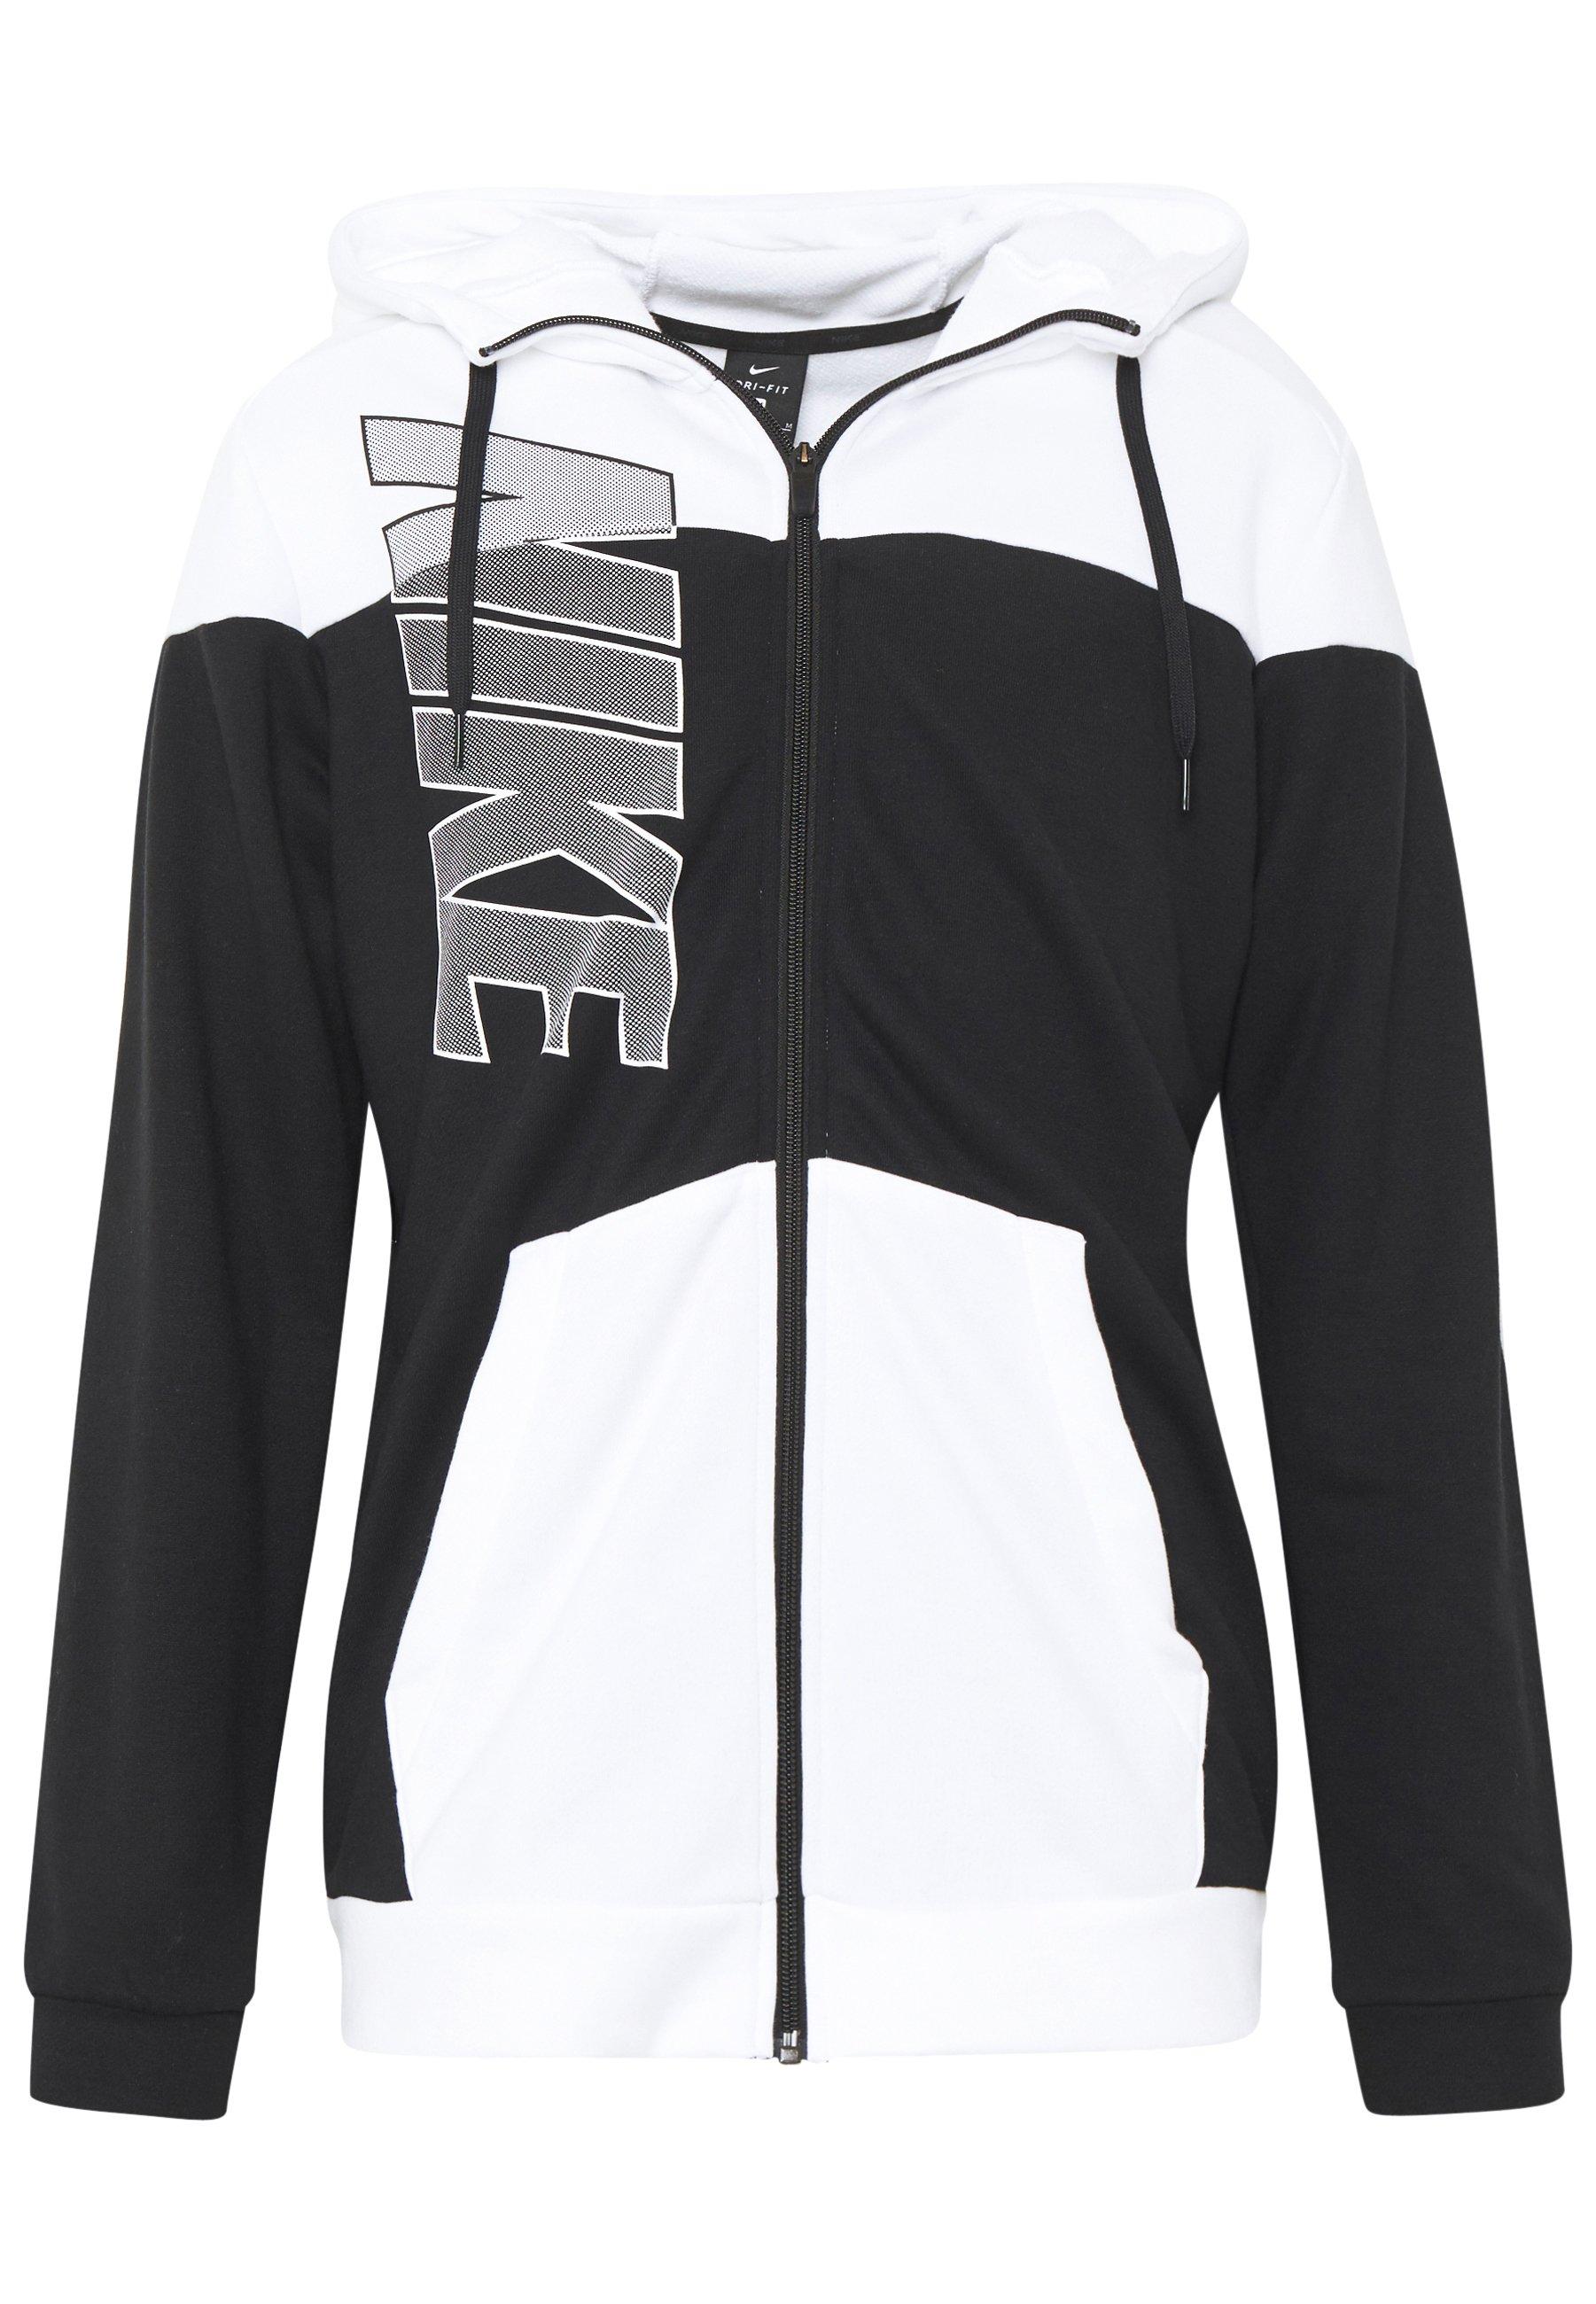 Nike Performance Dry Hoodie - Veste En Sweat Zippée Black/white